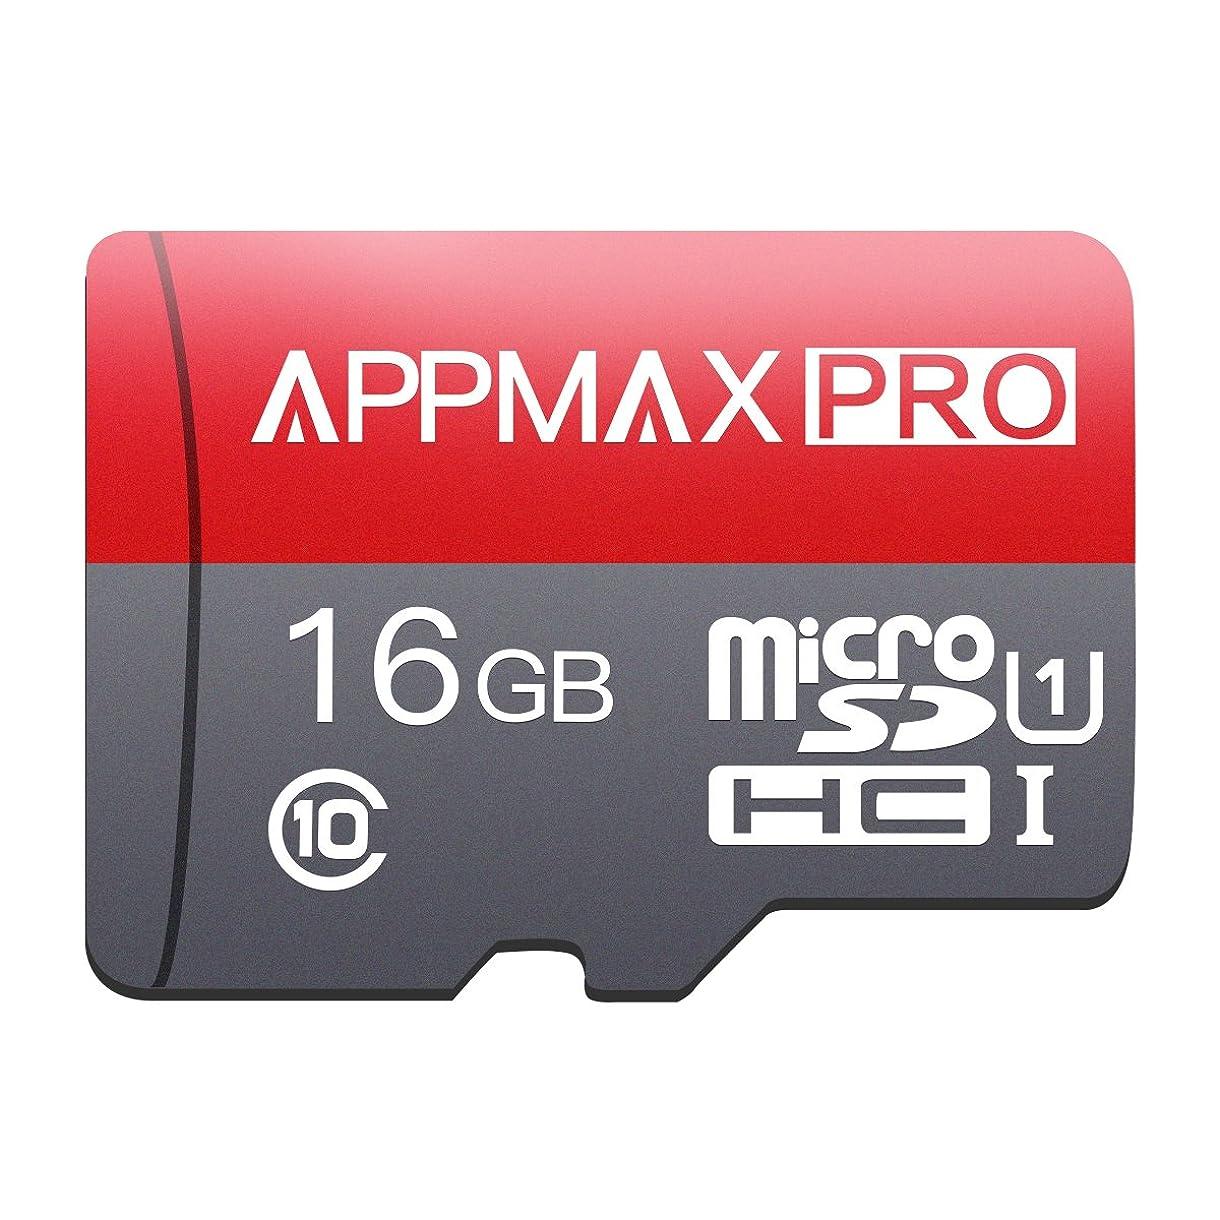 学部封筒ガスシリコンパワー microSDXC カード Nintendo Switch 動作確認済 Appmax SD Card class10 UHS-1 最大 読込 95MB/s アダプタ付 永久保証 (16GB)